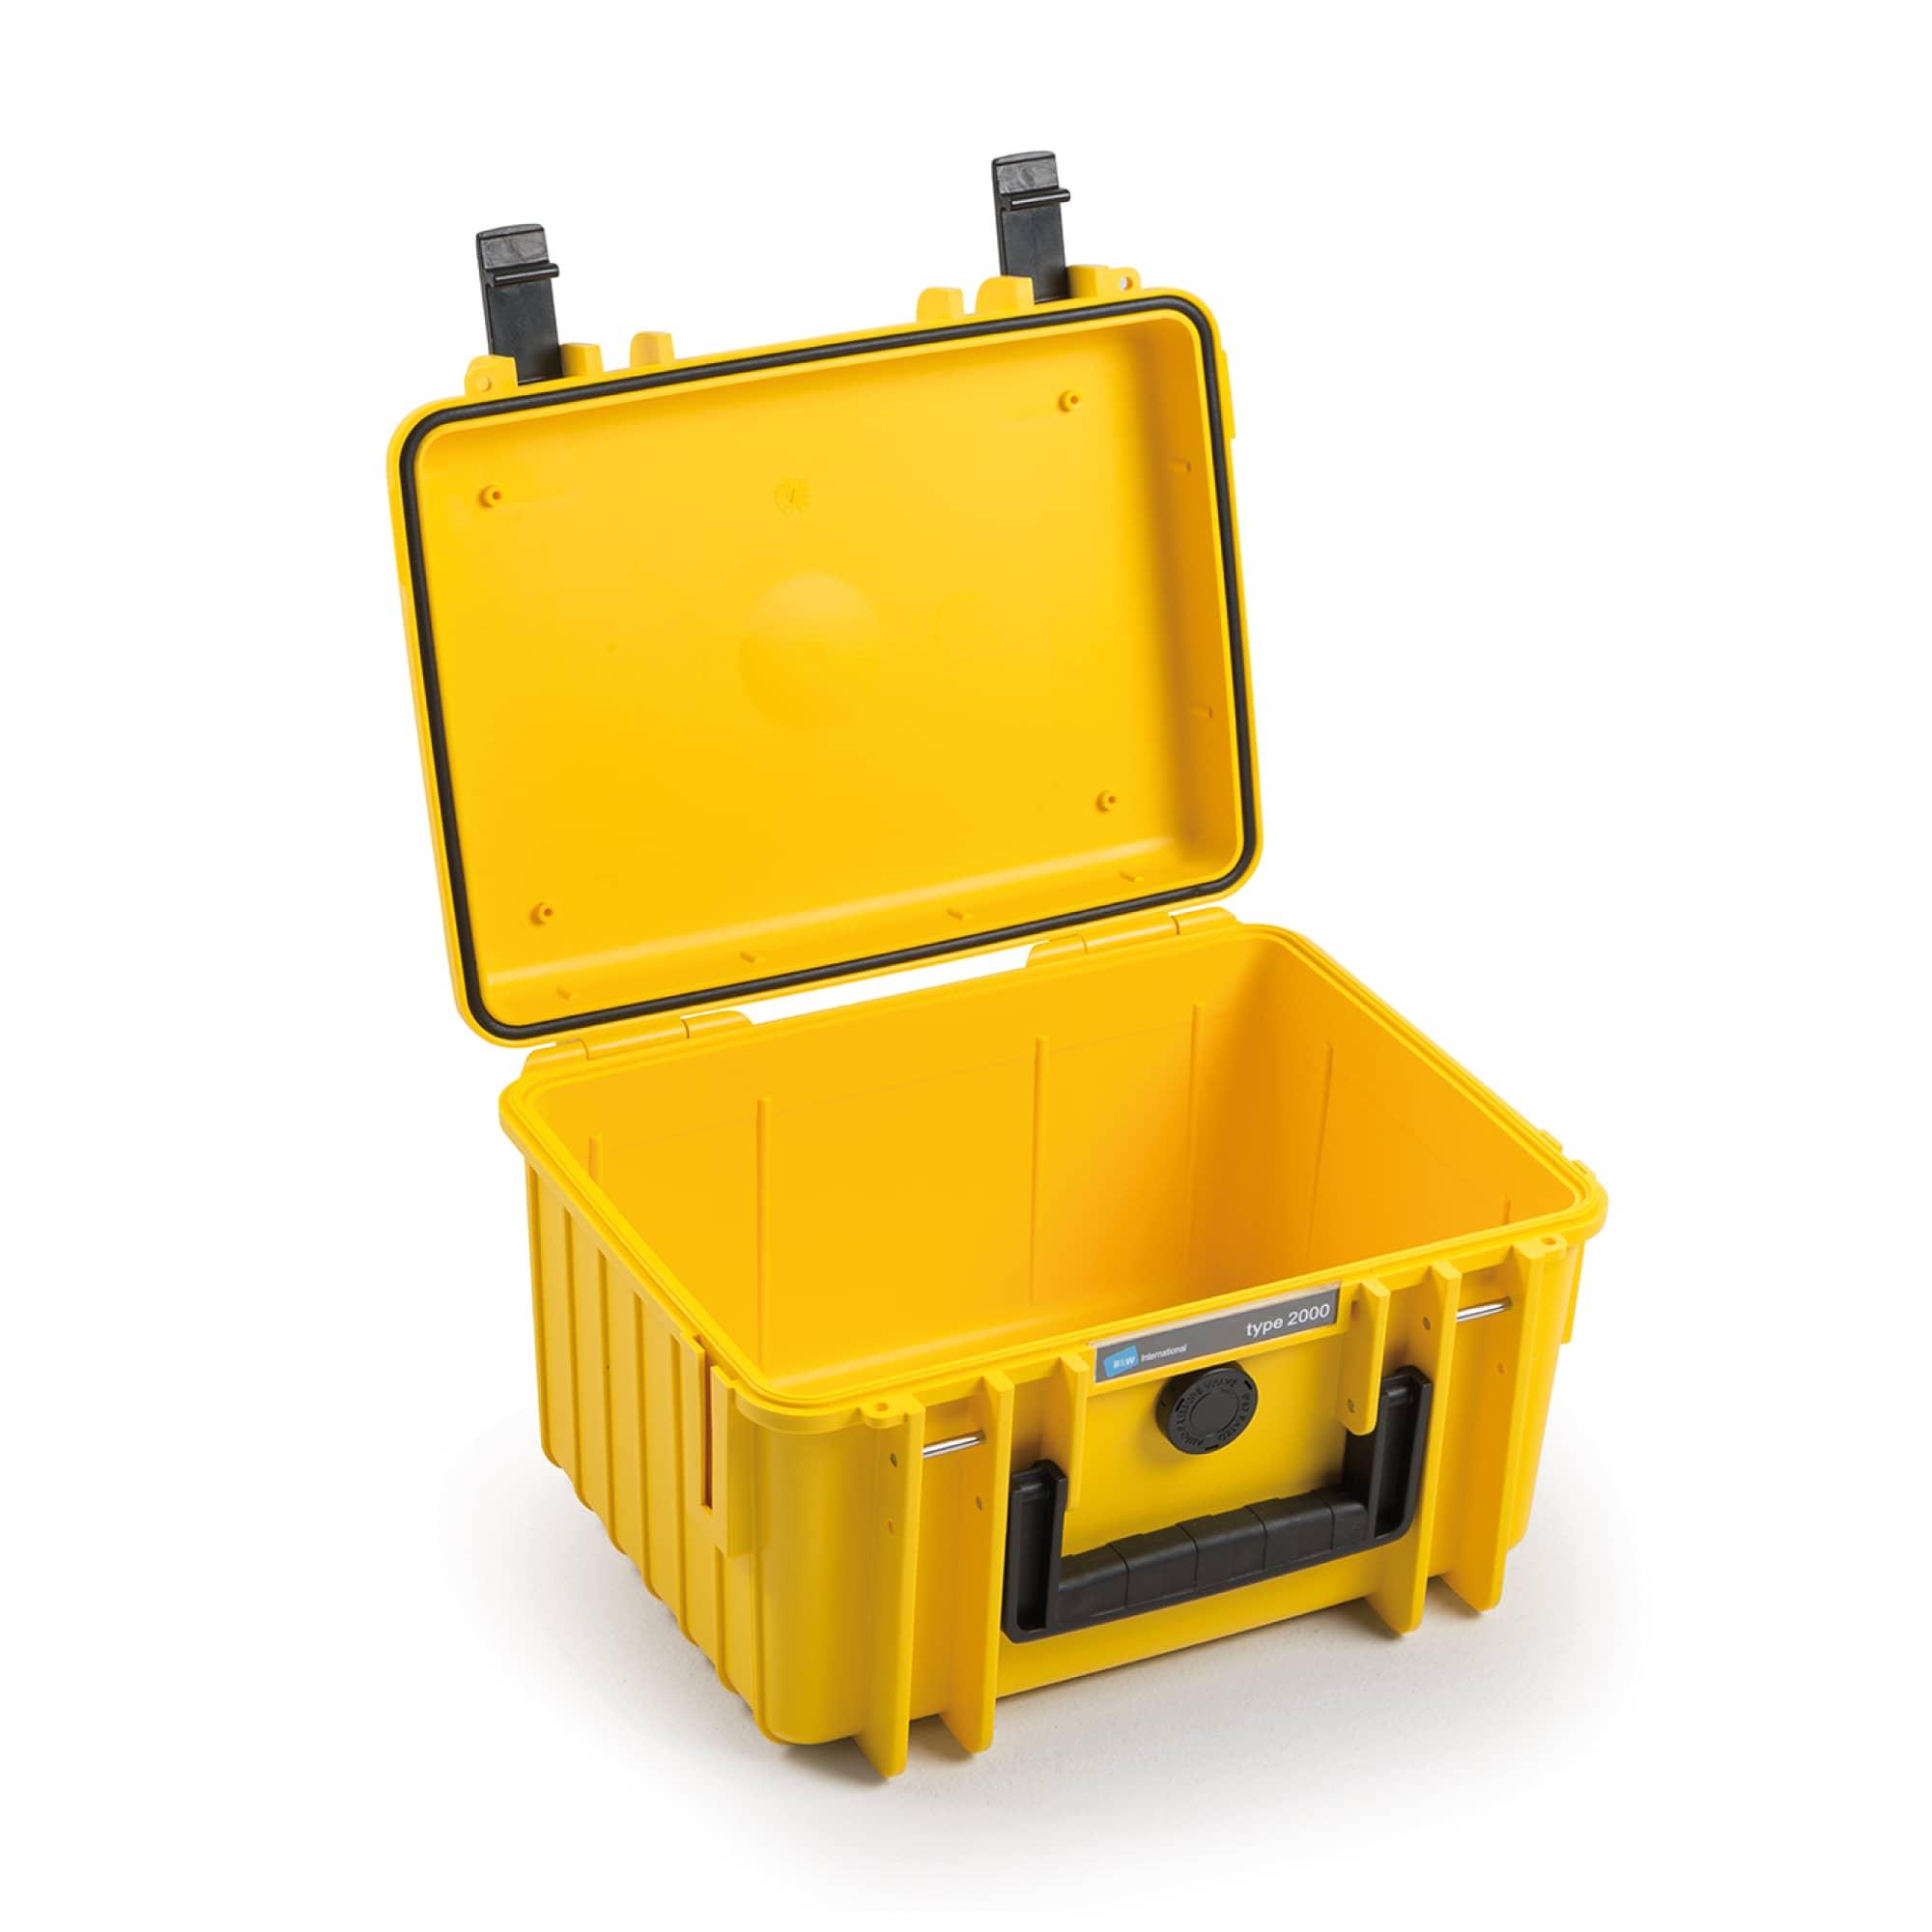 B&W Outdoor Case Typ 2000